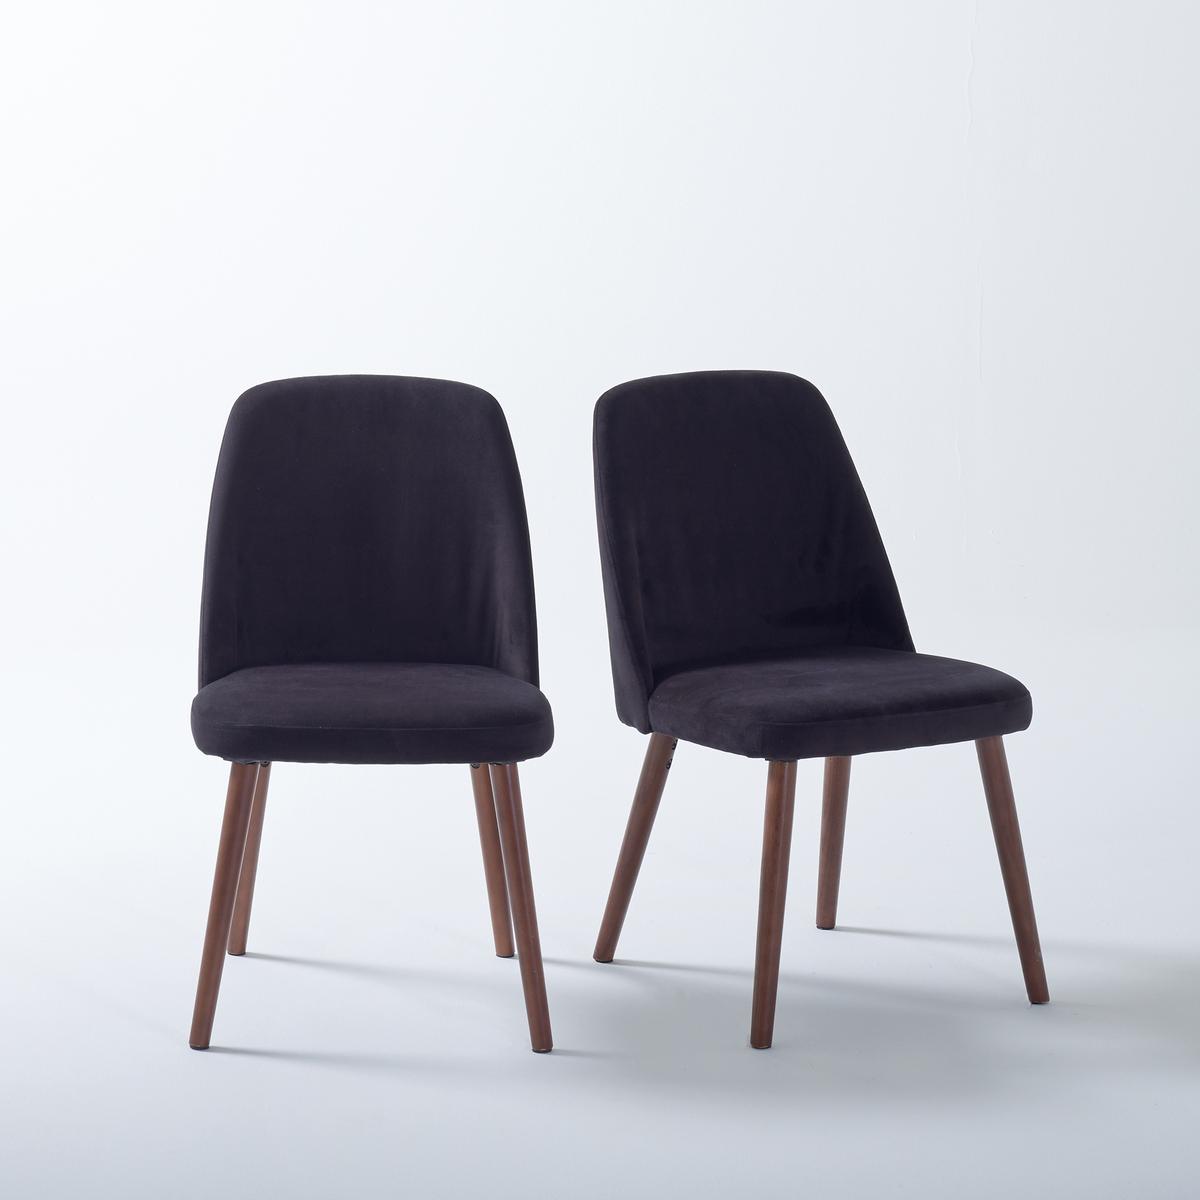 Комплект из 2 стульев, бархат и орех, WatfordХарактеристики стула с обивкой из бархата, Watford :Охватывающая эргономичная форма.Обивка спинки и сиденья из бархата 100% полиэстера.Наполнитель из вспененного полиуретана для спинки (25 кг/м?), для сиденья (28 кг/м?).Ножки из массива бука, под орех, покрытие нитролаком.Откройте для себя всю коллекцию Watford на сайте laredoute.ru.Размеры стула с обивкой из бархата Watford :Общие :Длина : 48 смВысота : 82,5 смГлубина : 55,5 смСиденье :Высота : 45,5 смРазмеры и вес упаковки:1 упаковкаШир. 58 x Выс. 56 x Гл. 44,5 см17 кг:.!! .<br><br>Цвет: темно-синий,черный